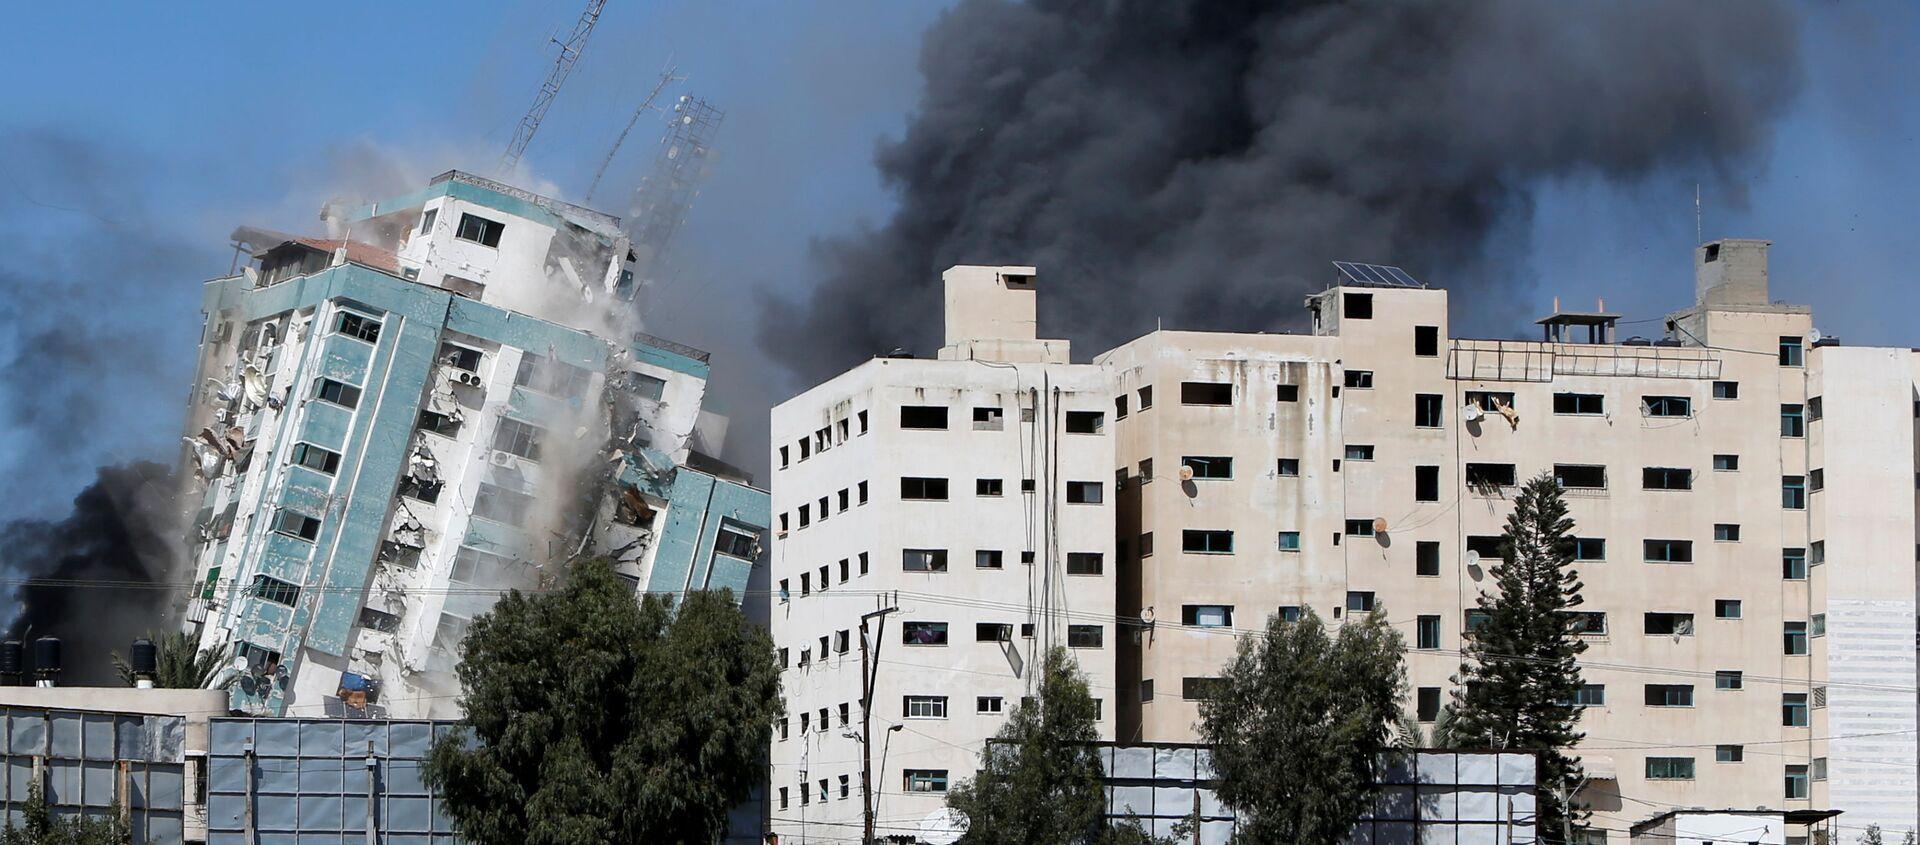 Izrael zbombardował siedzibę AP i innych mediów w Gazie - Sputnik Polska, 1920, 21.05.2021